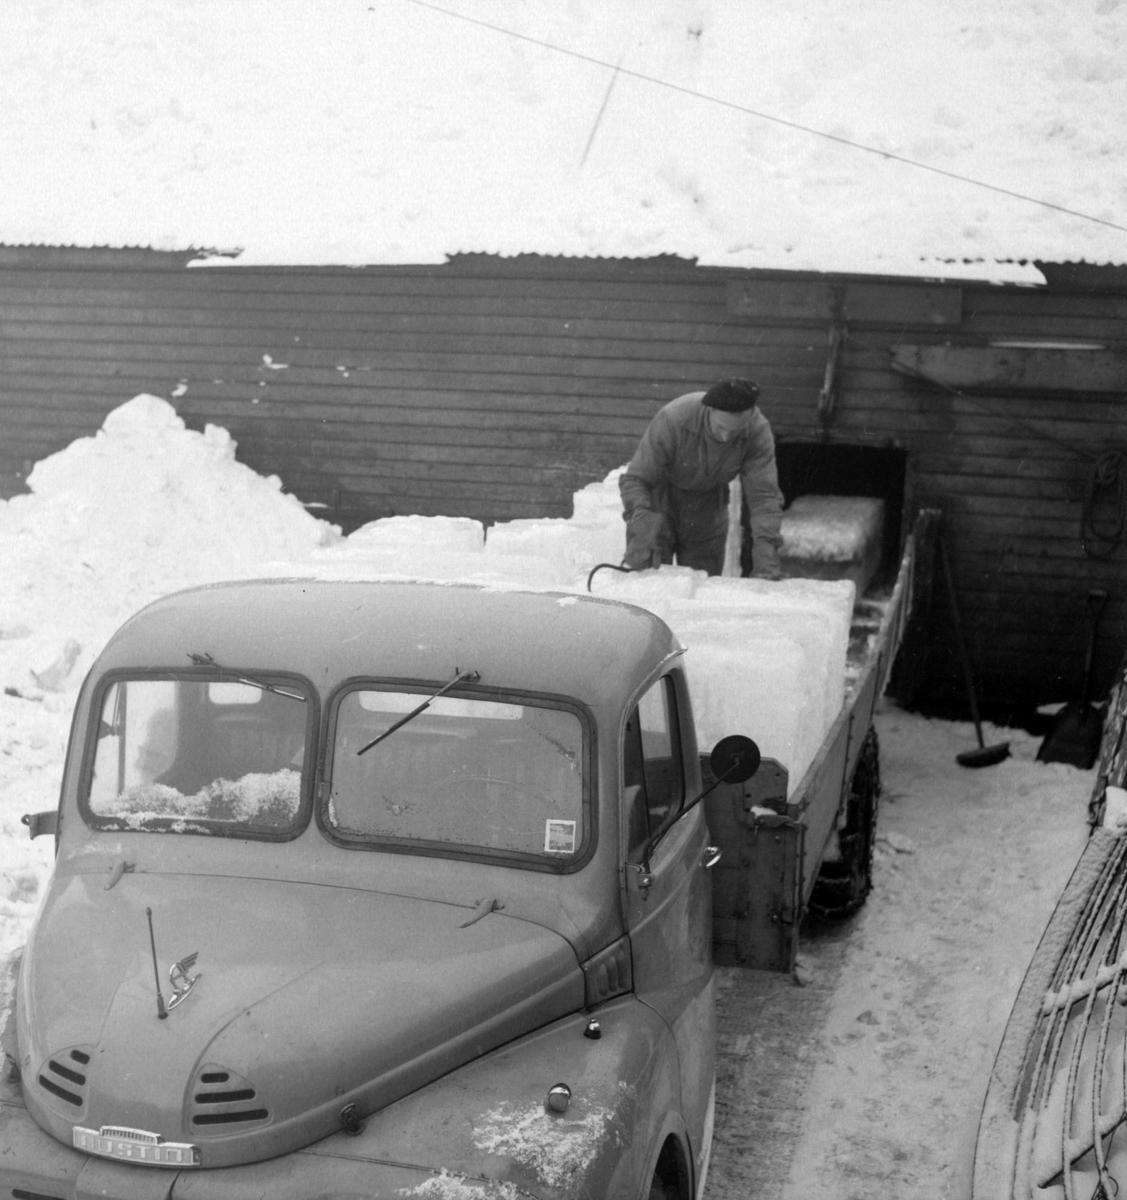 Isskjæring på Møkkelandsvannet, 1954. Her laster Asbjørn Berg, Kilbotn, isblokkene på lastebil før transport til kaia hos Bertheus Nilsen i byen.